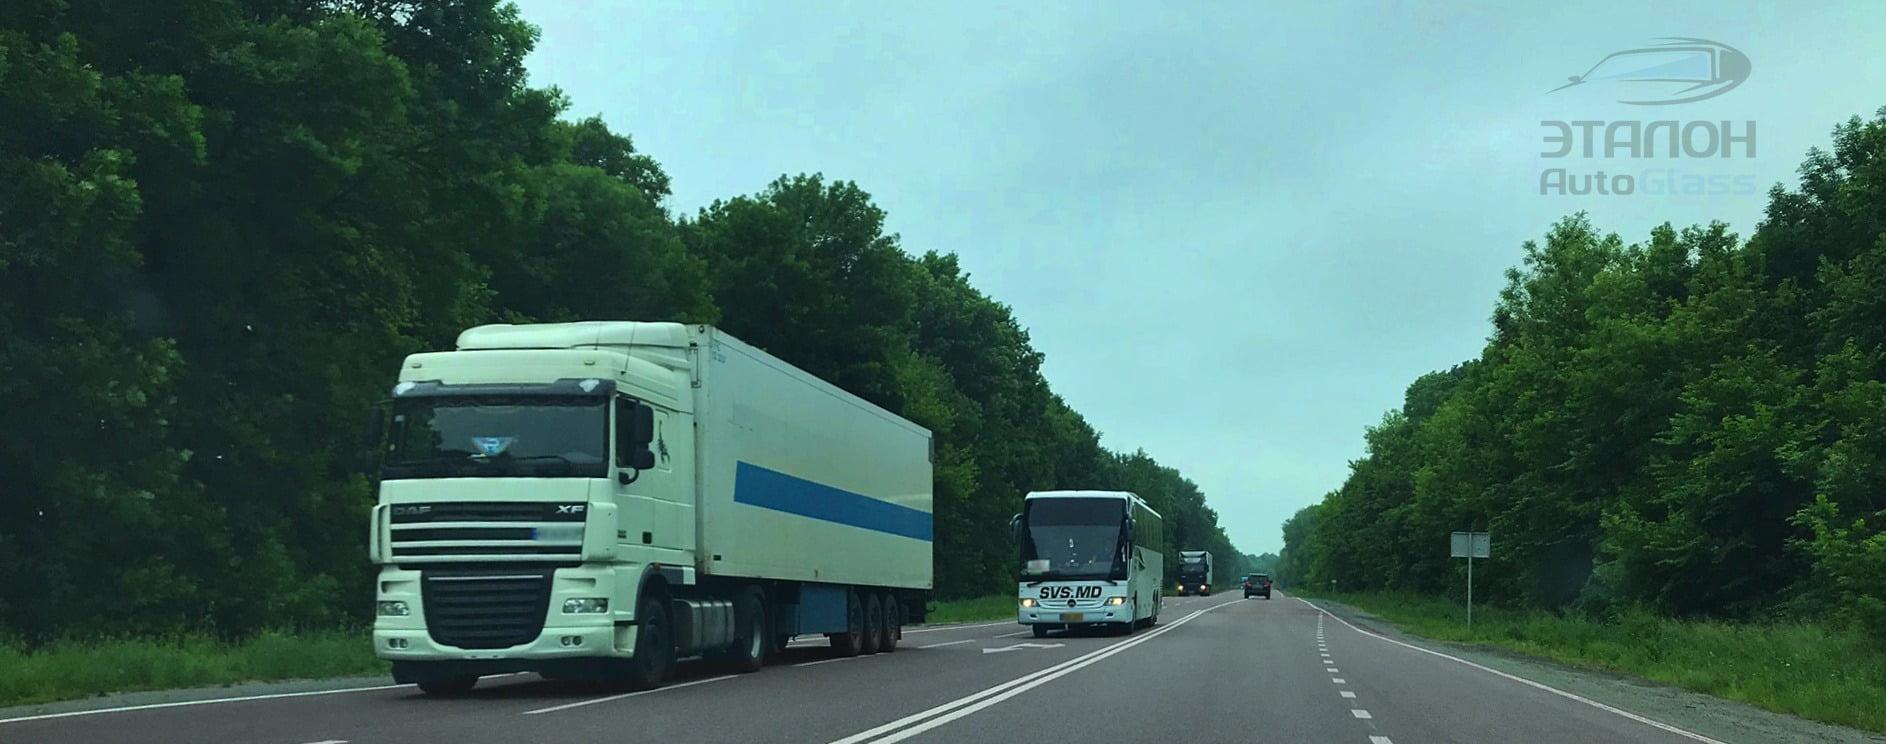 tonirovka-avto-prostejshij-stajling-gruzovyh-avto-i-mikroavtobusov-3